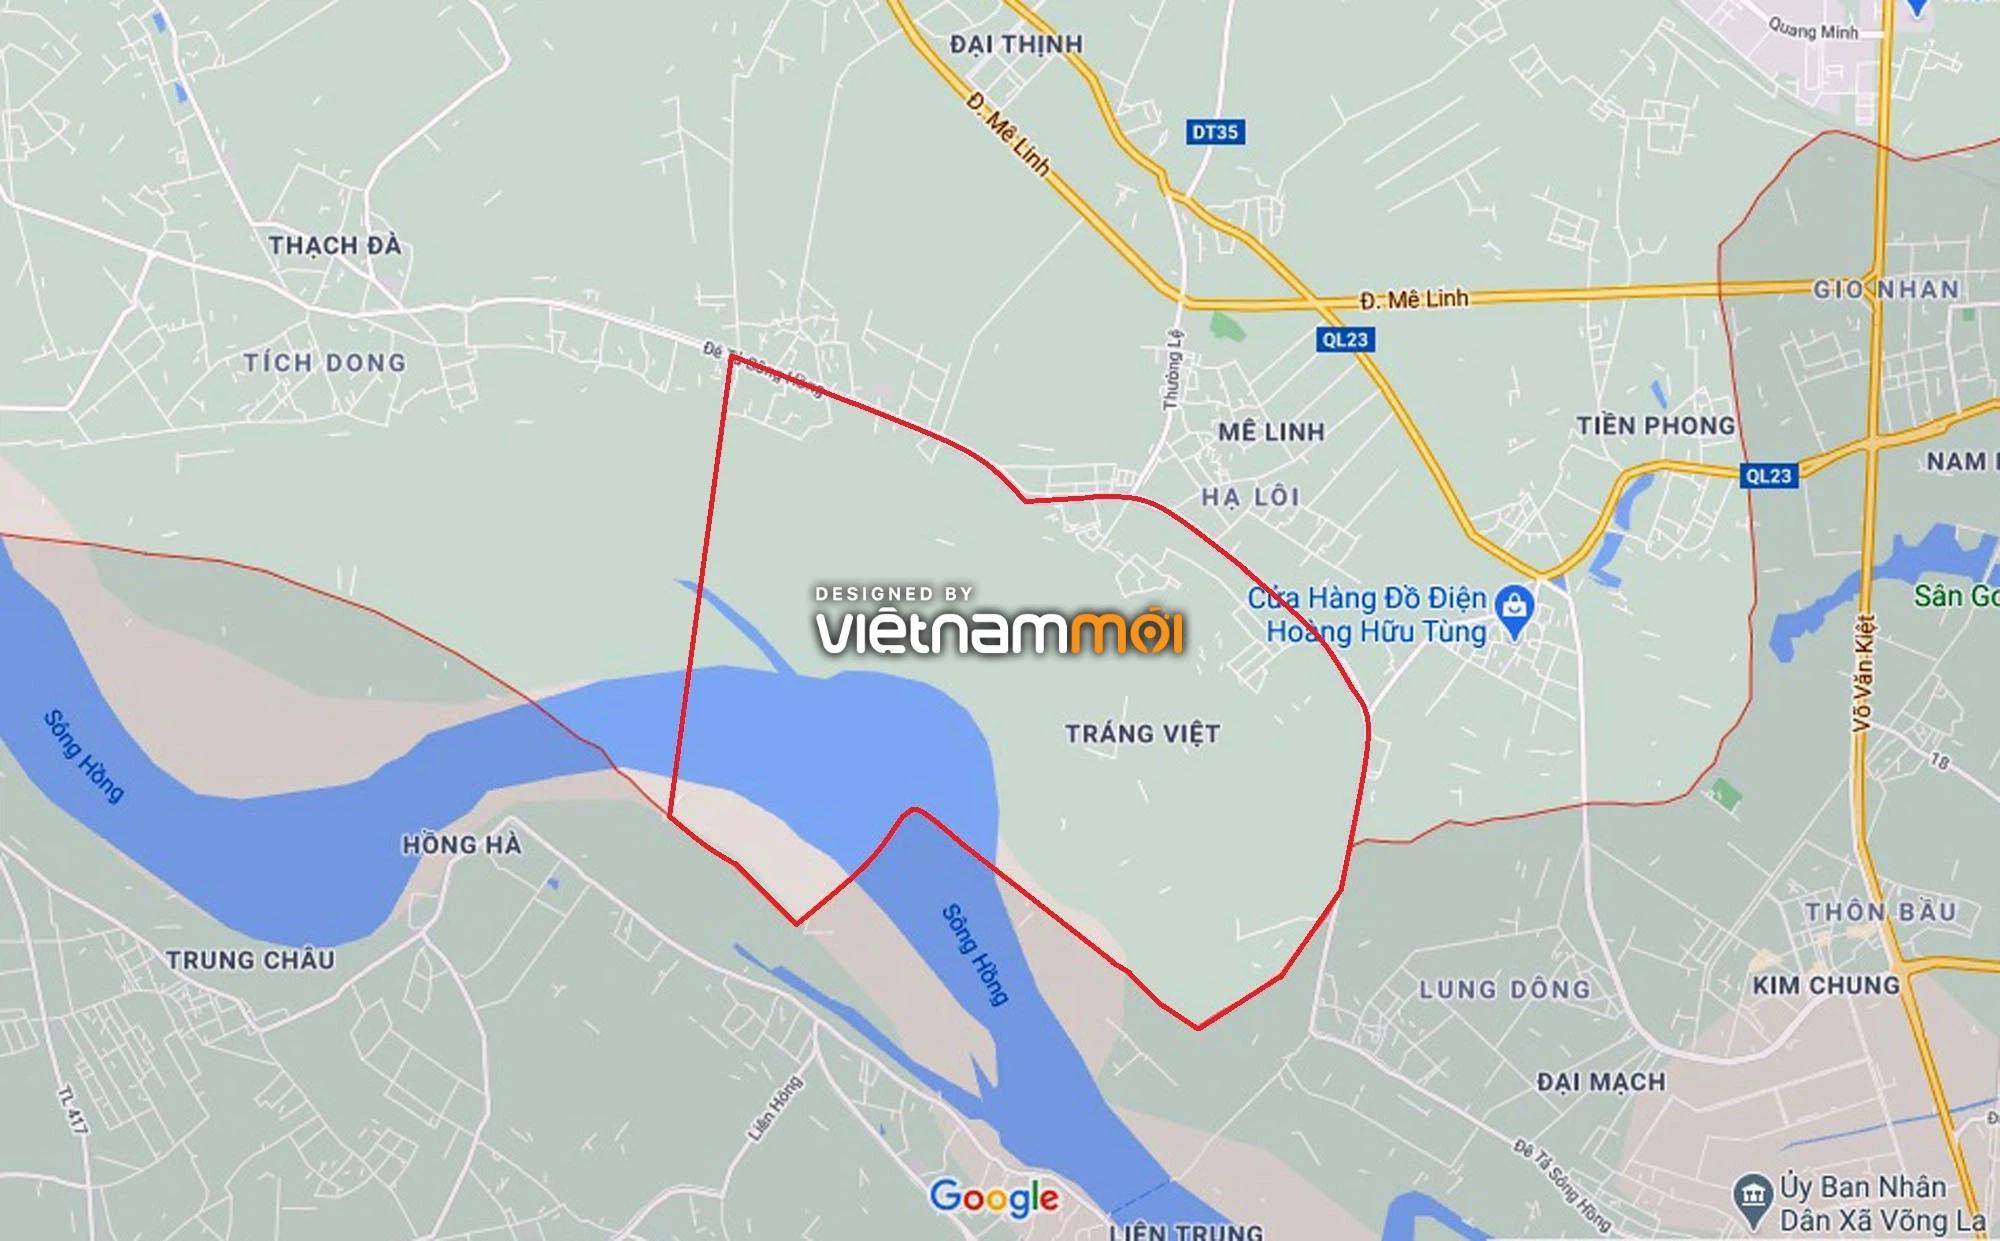 Toàn cảnh hiện trạng Phân khu đô thị sông Hồng trên địa bàn huyện Mê Linh - Ảnh 1.